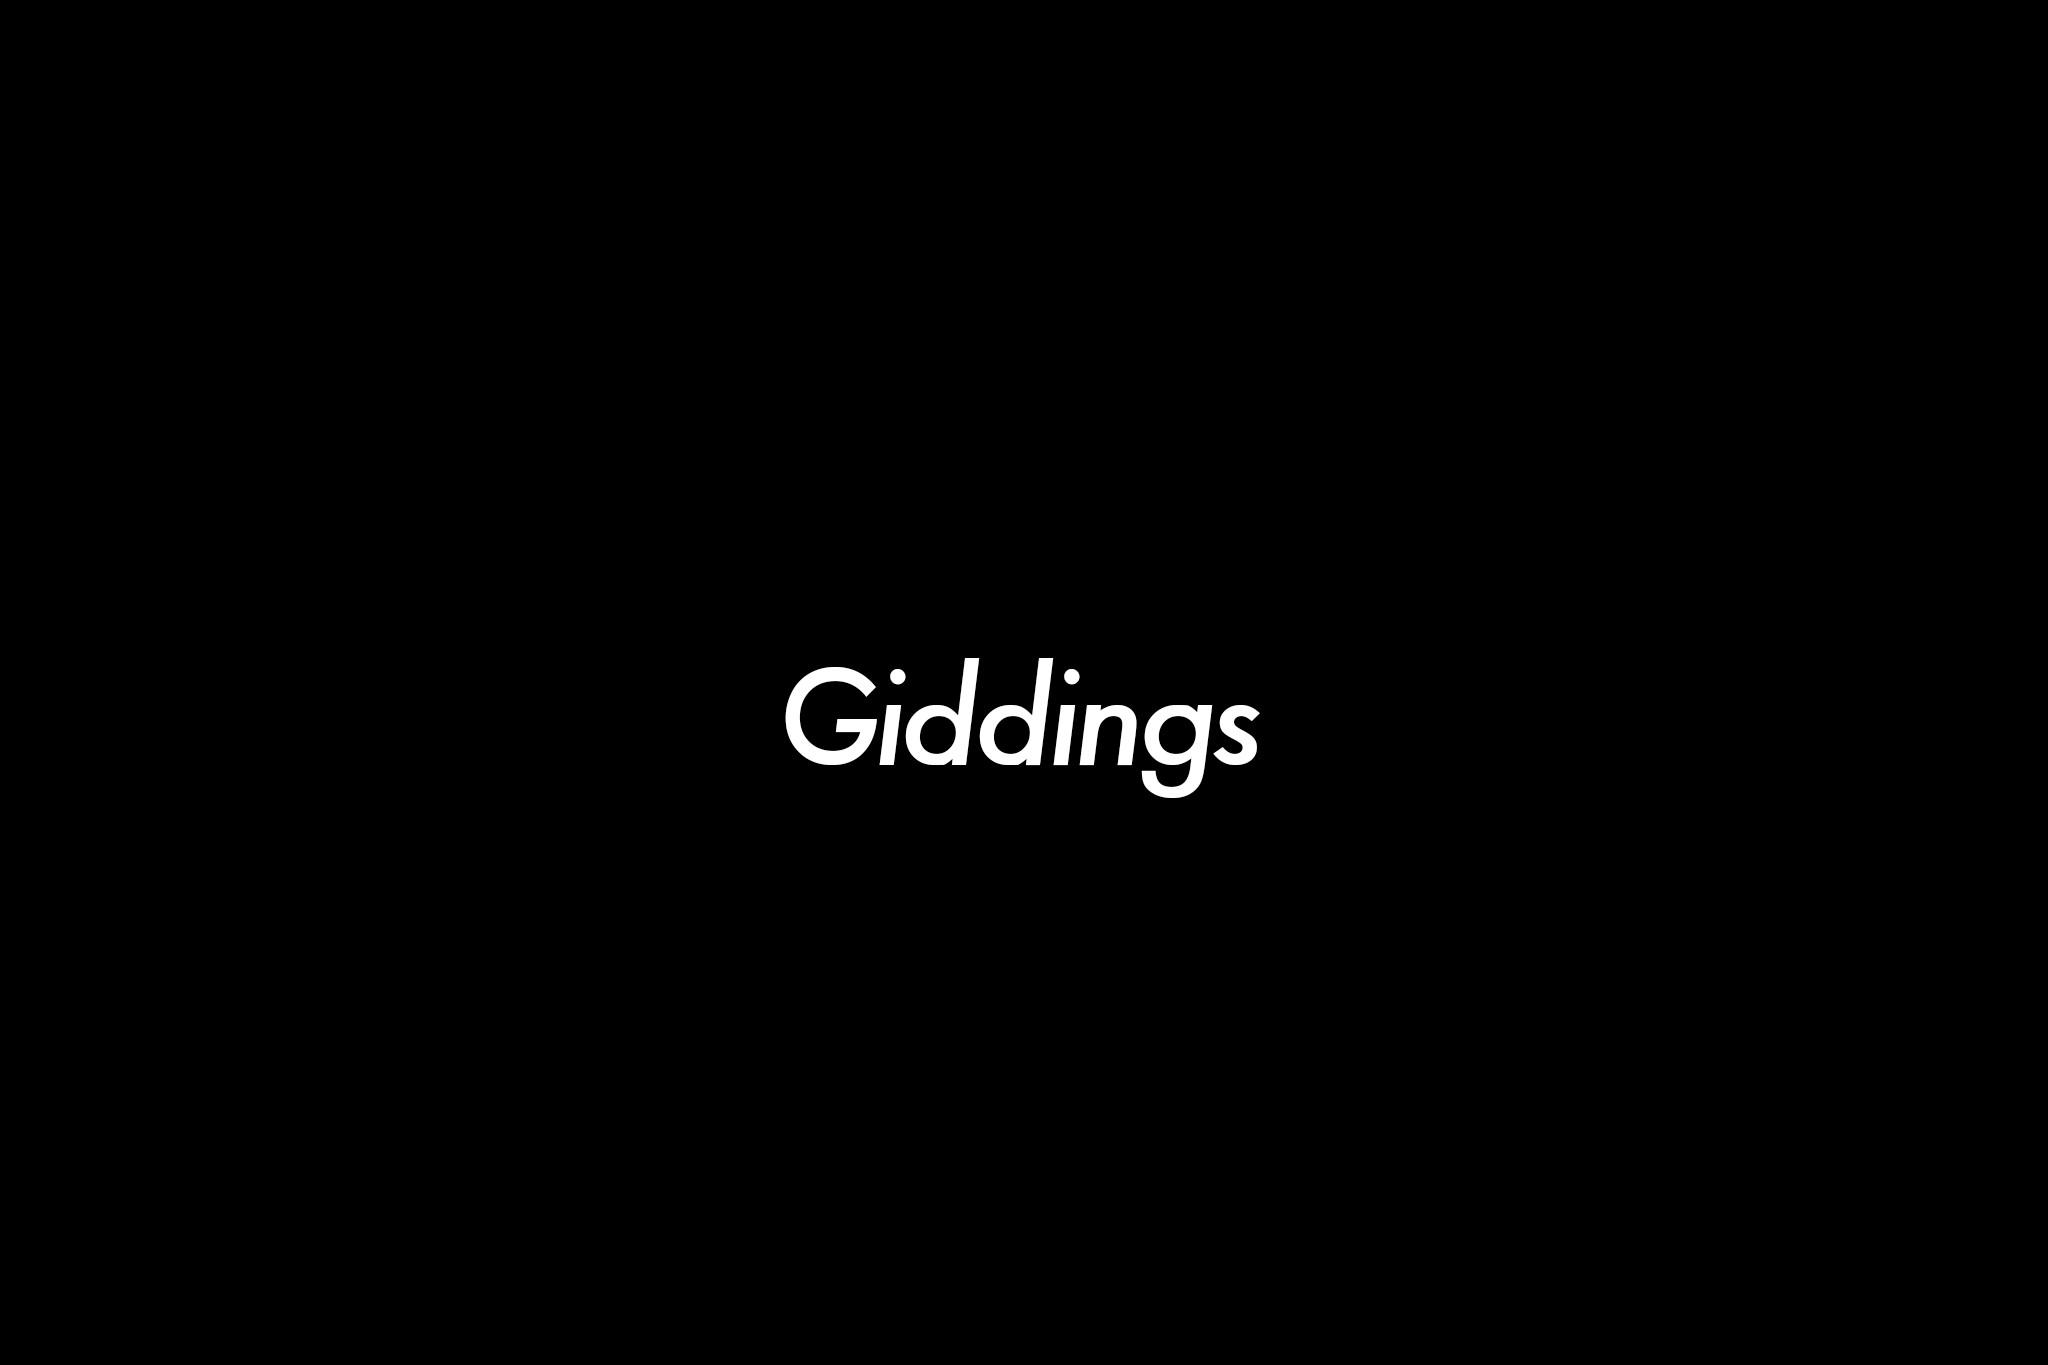 Giddings.jpg